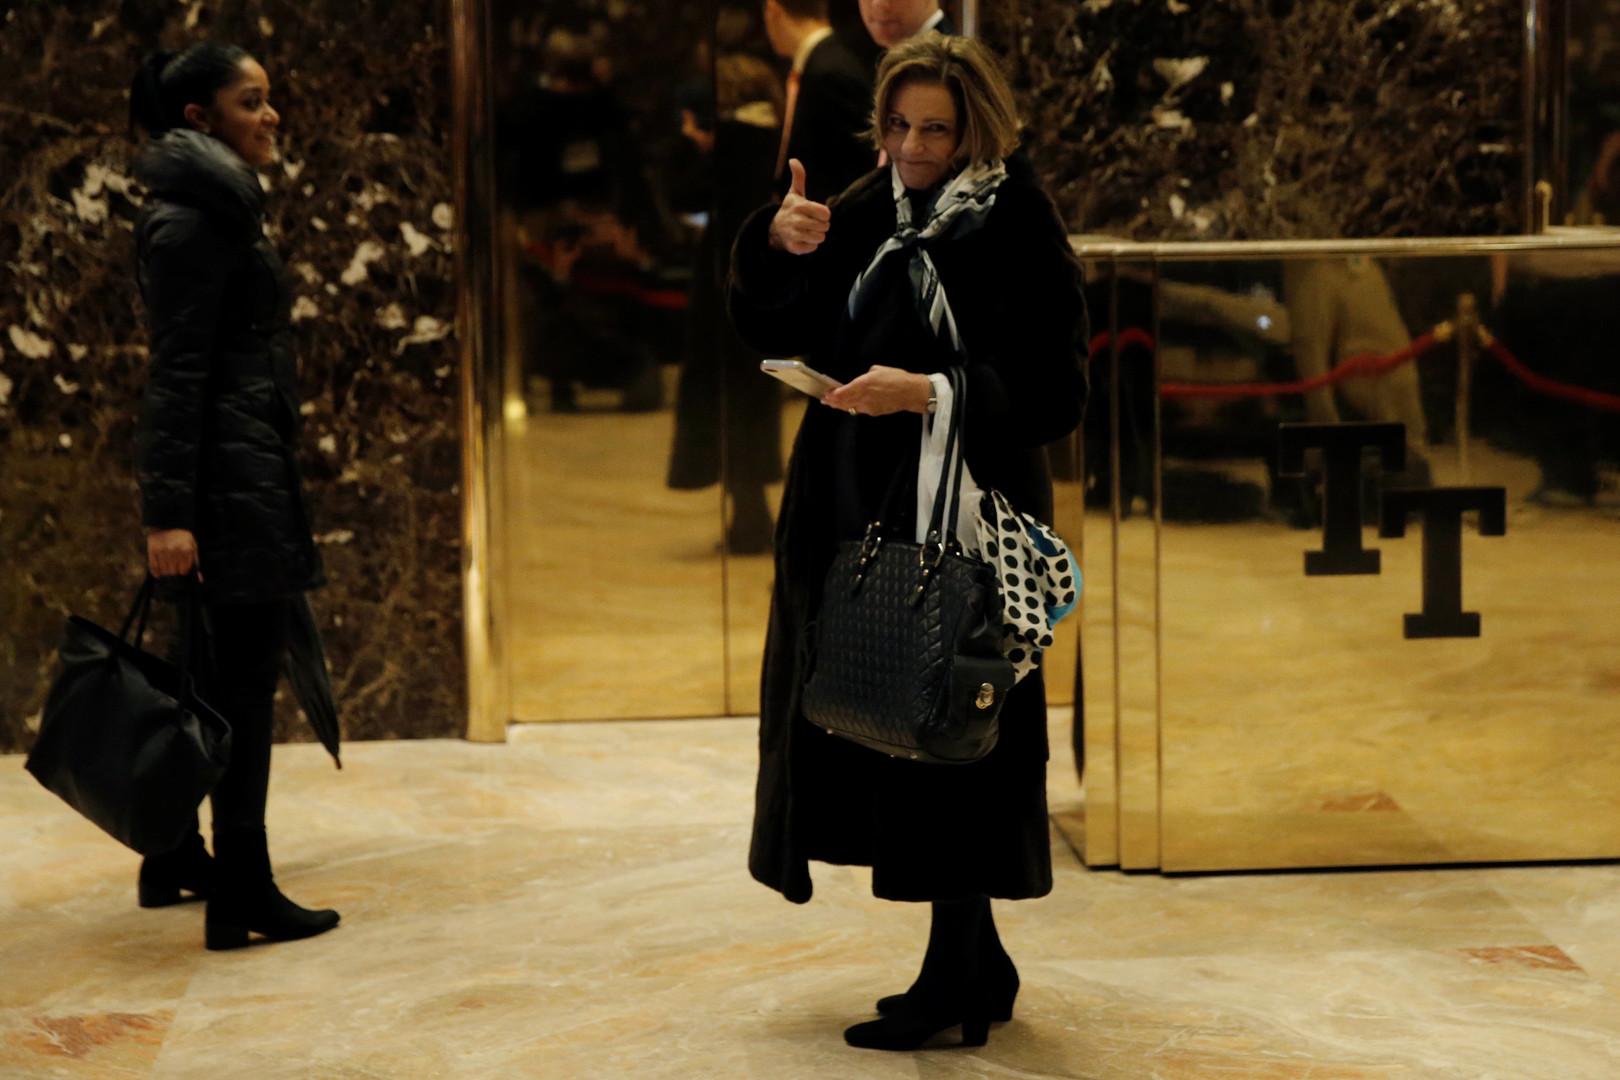 Kathleen McFarland wurde zur Stellvertreterin von Michael Flynn, den Berater des US-Präsidenten in Fragen der nationalen Sicherheit. Sie hat 40 Jahre Berufserfahrung in der Arbeit von staatlichen Behörden. Unter anderem war die Assistentin von Henry Kissinger im US-National Security Council.